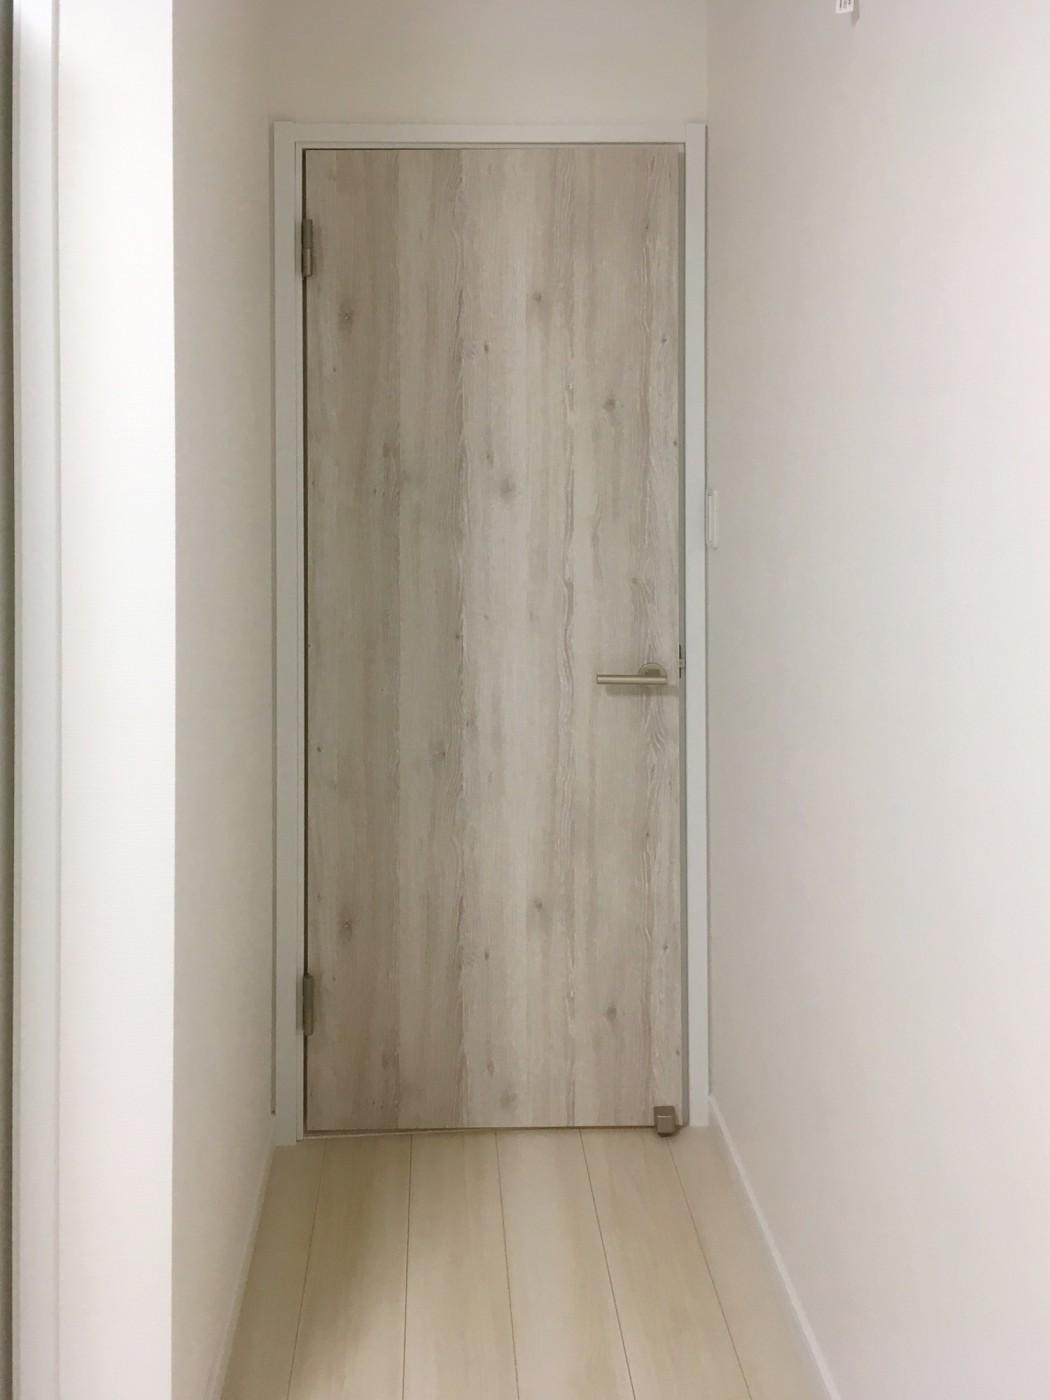 各部屋や廊下の床や、建具でかわいらしさを演出